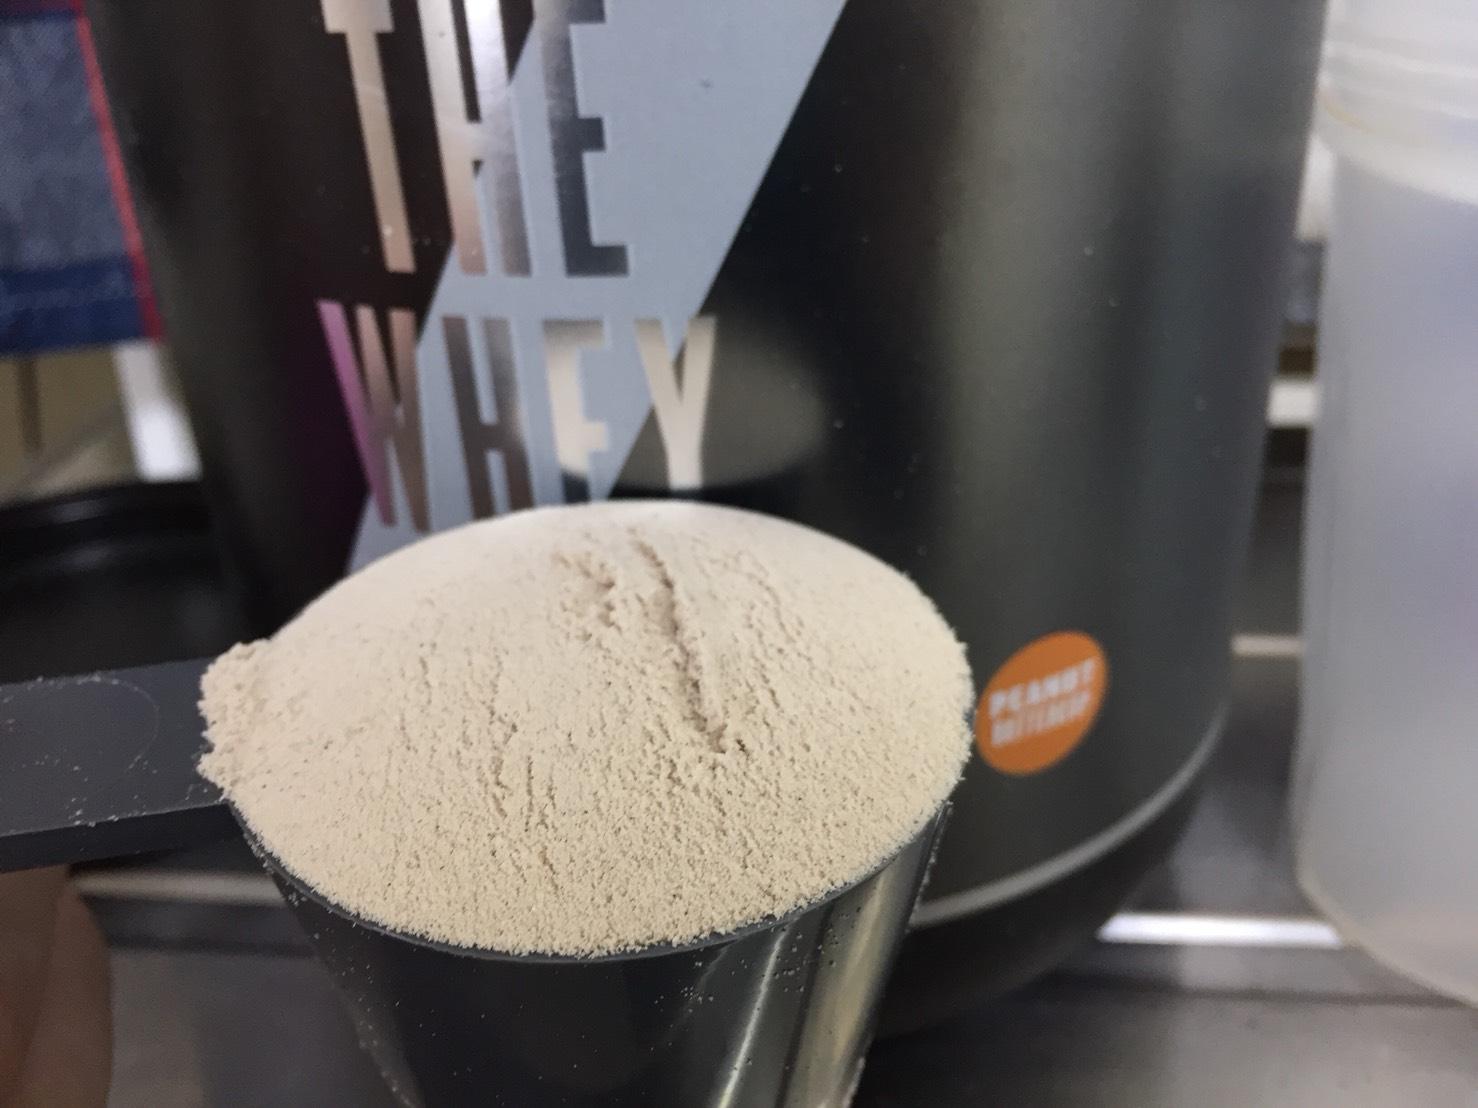 マイプロテインの「THE WHEY :ピーナッツバターカップ味」の粉末の様子